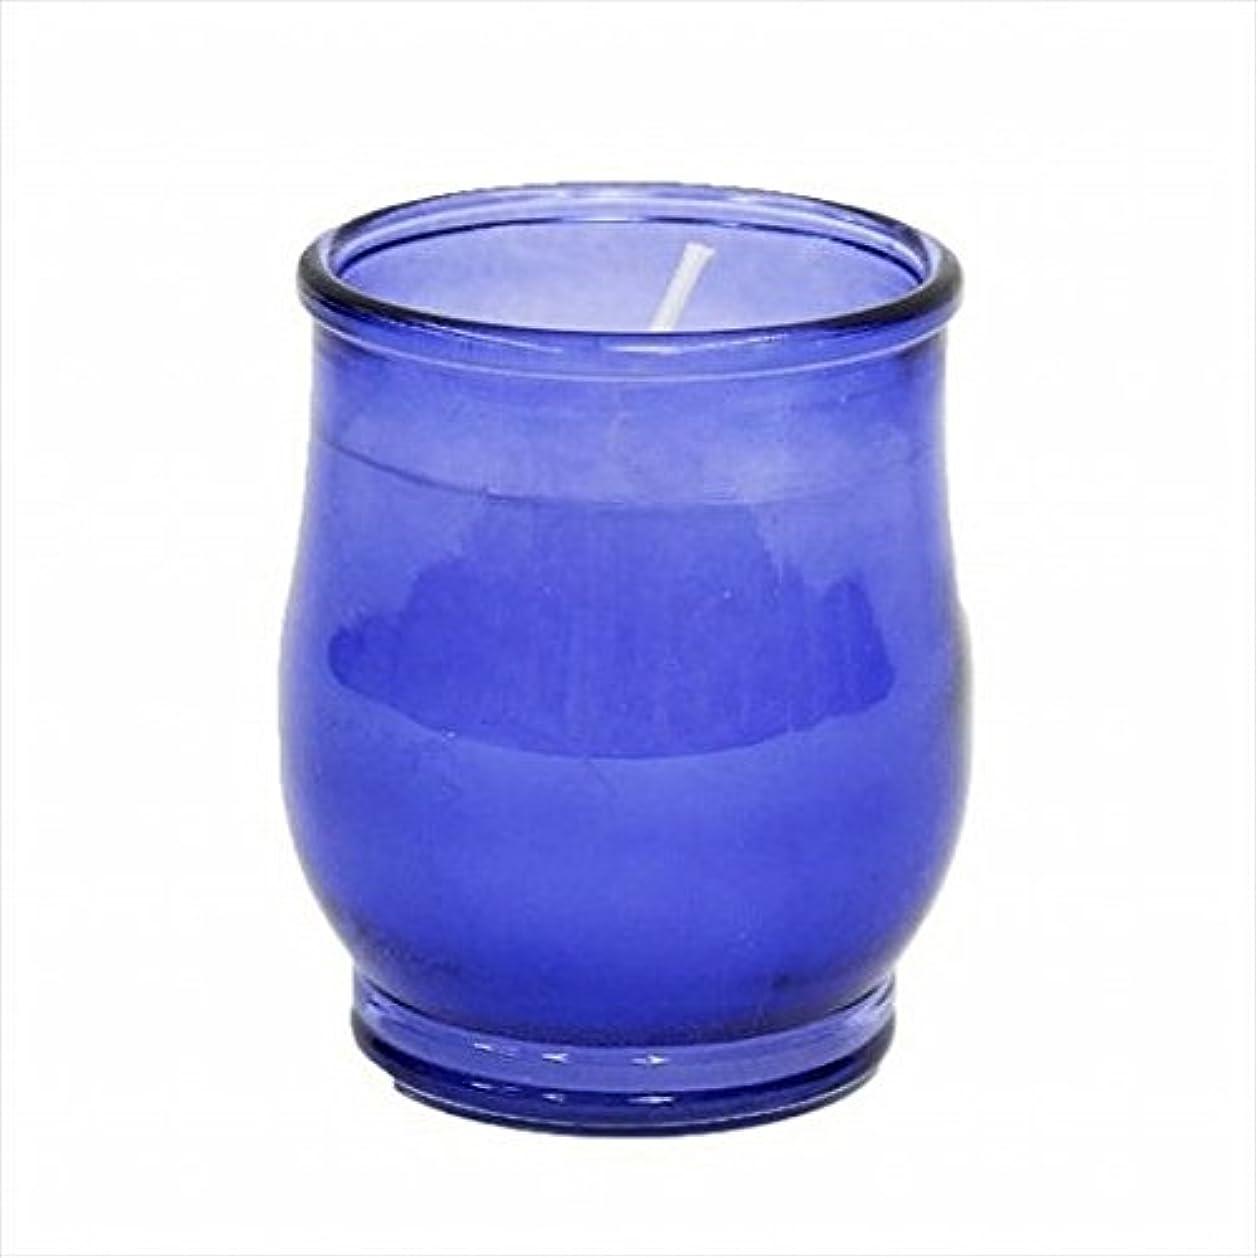 その十代の若者たちデンマークkameyama candle(カメヤマキャンドル) ポシェ(非常用コップローソク) 「 ブルー(ライトカラー) 」 キャンドル 68x68x80mm (73020030B)